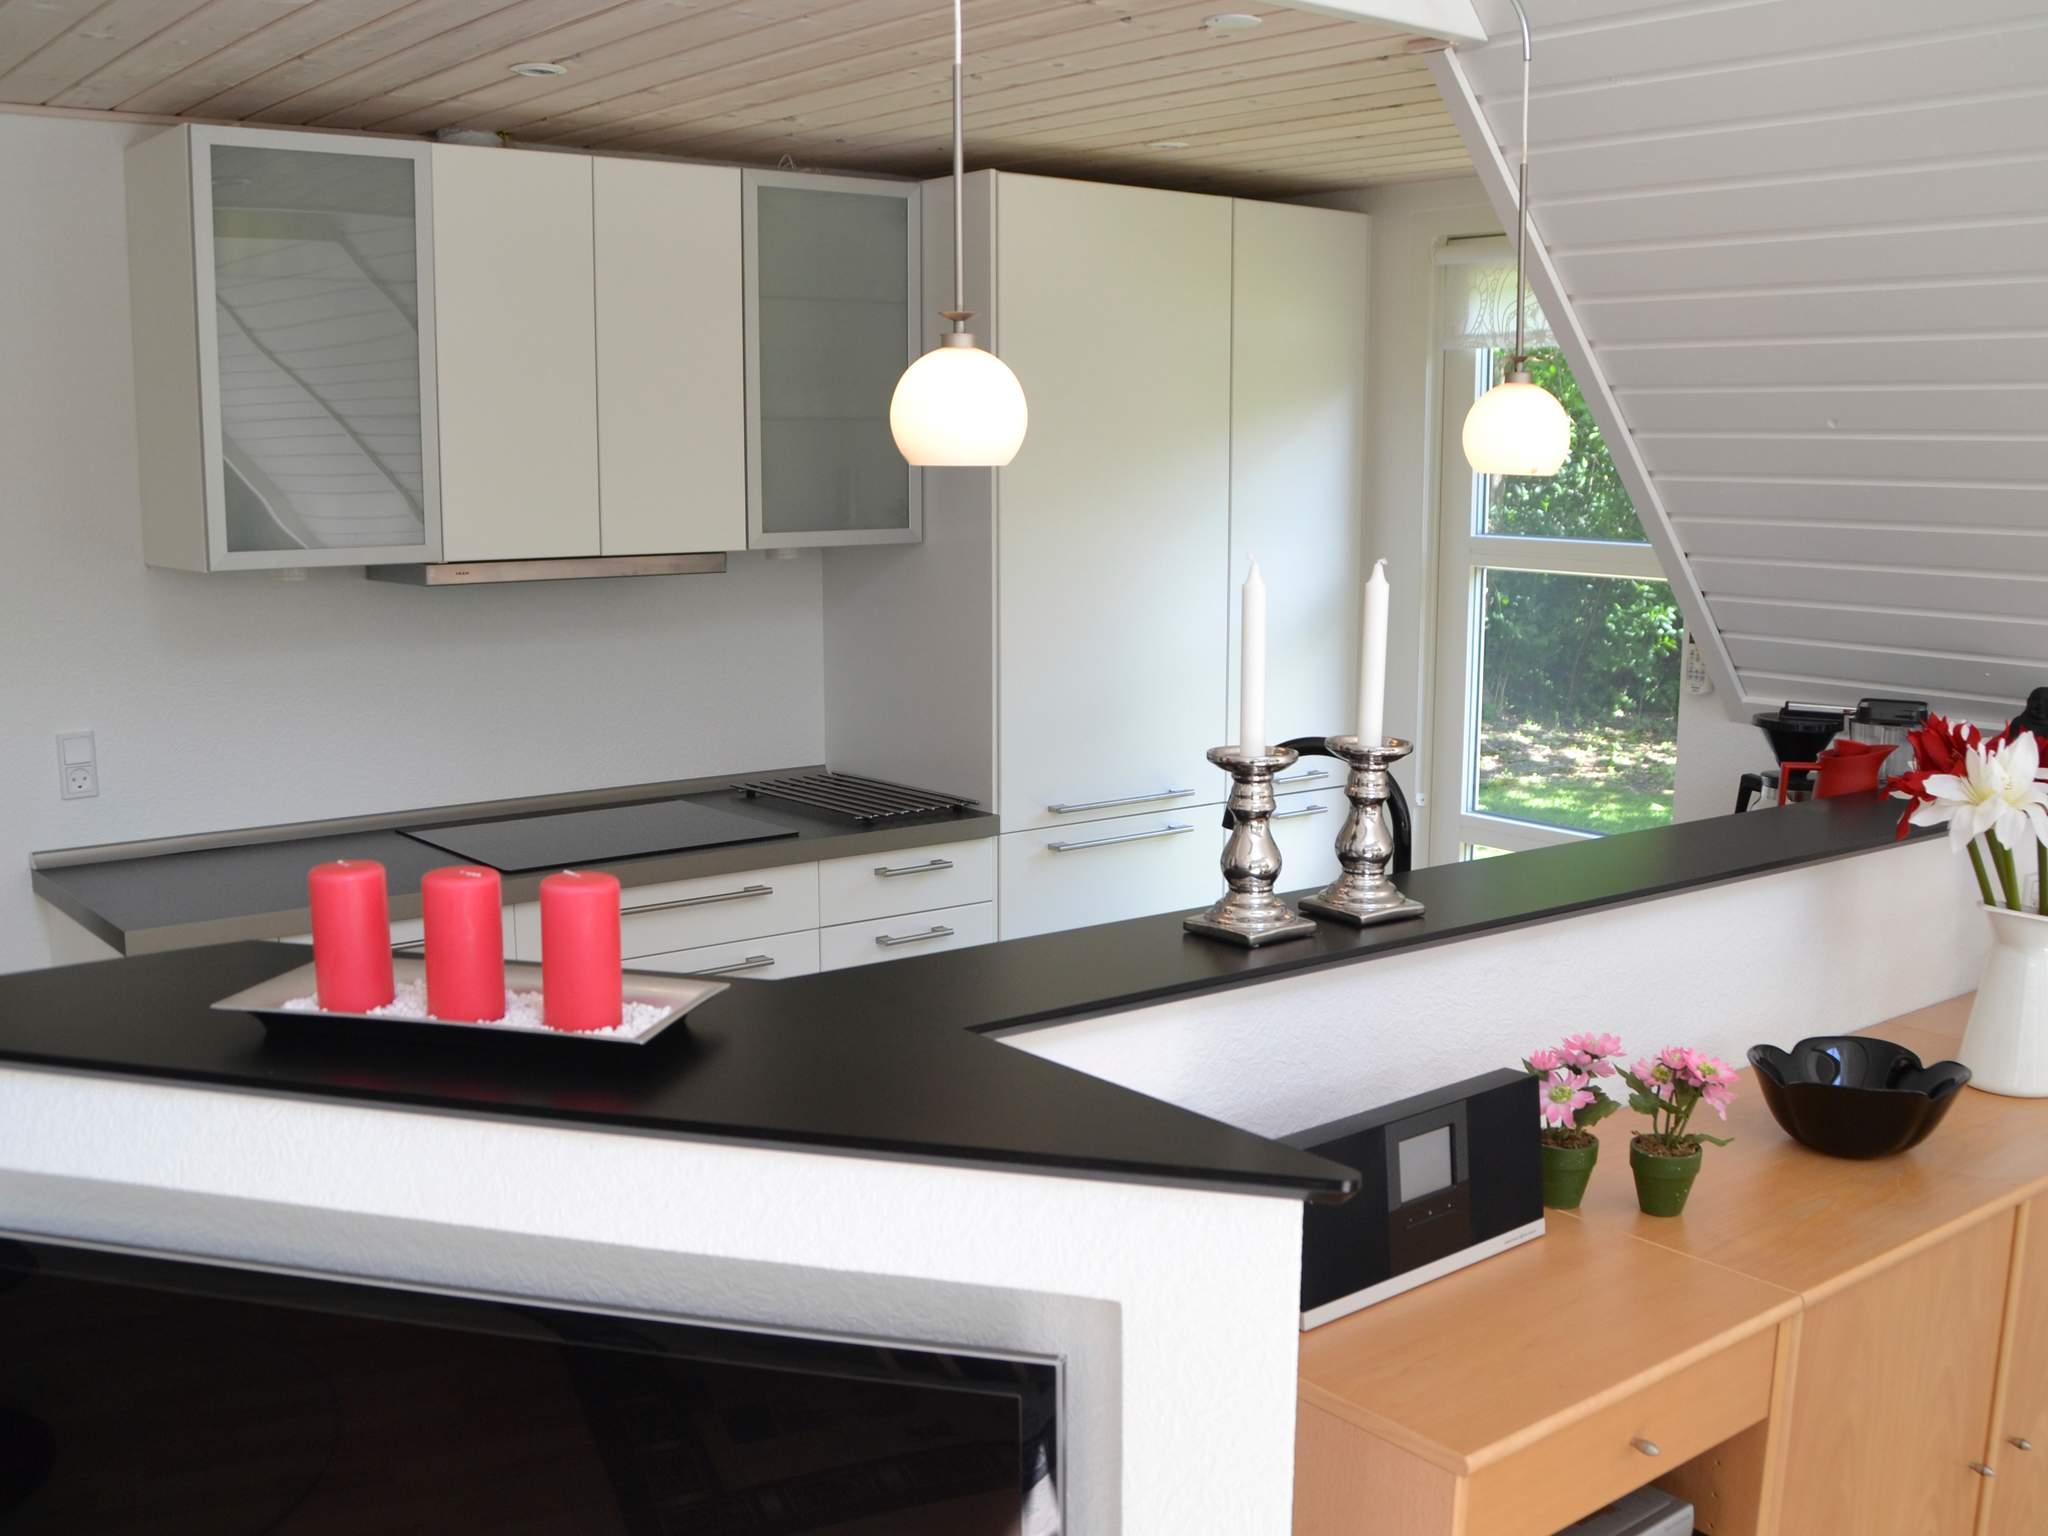 Ferienhaus Jegum (241722), Jegum, , Westjütland, Dänemark, Bild 7